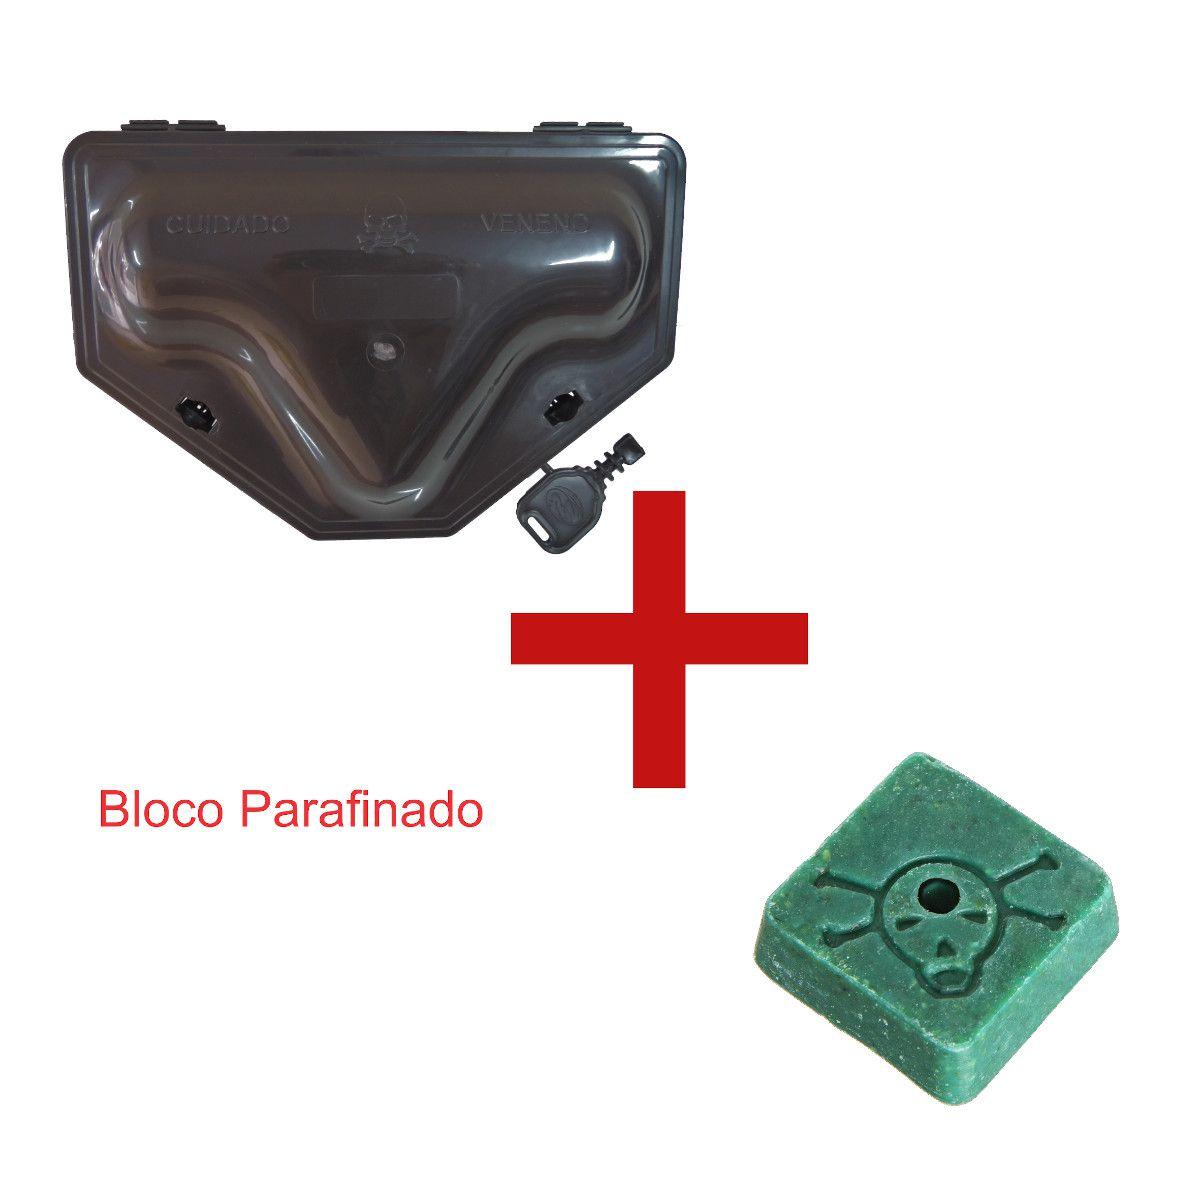 66 Porta Iscas C/ Duplo Travamento + 66 Bloco Parafinado